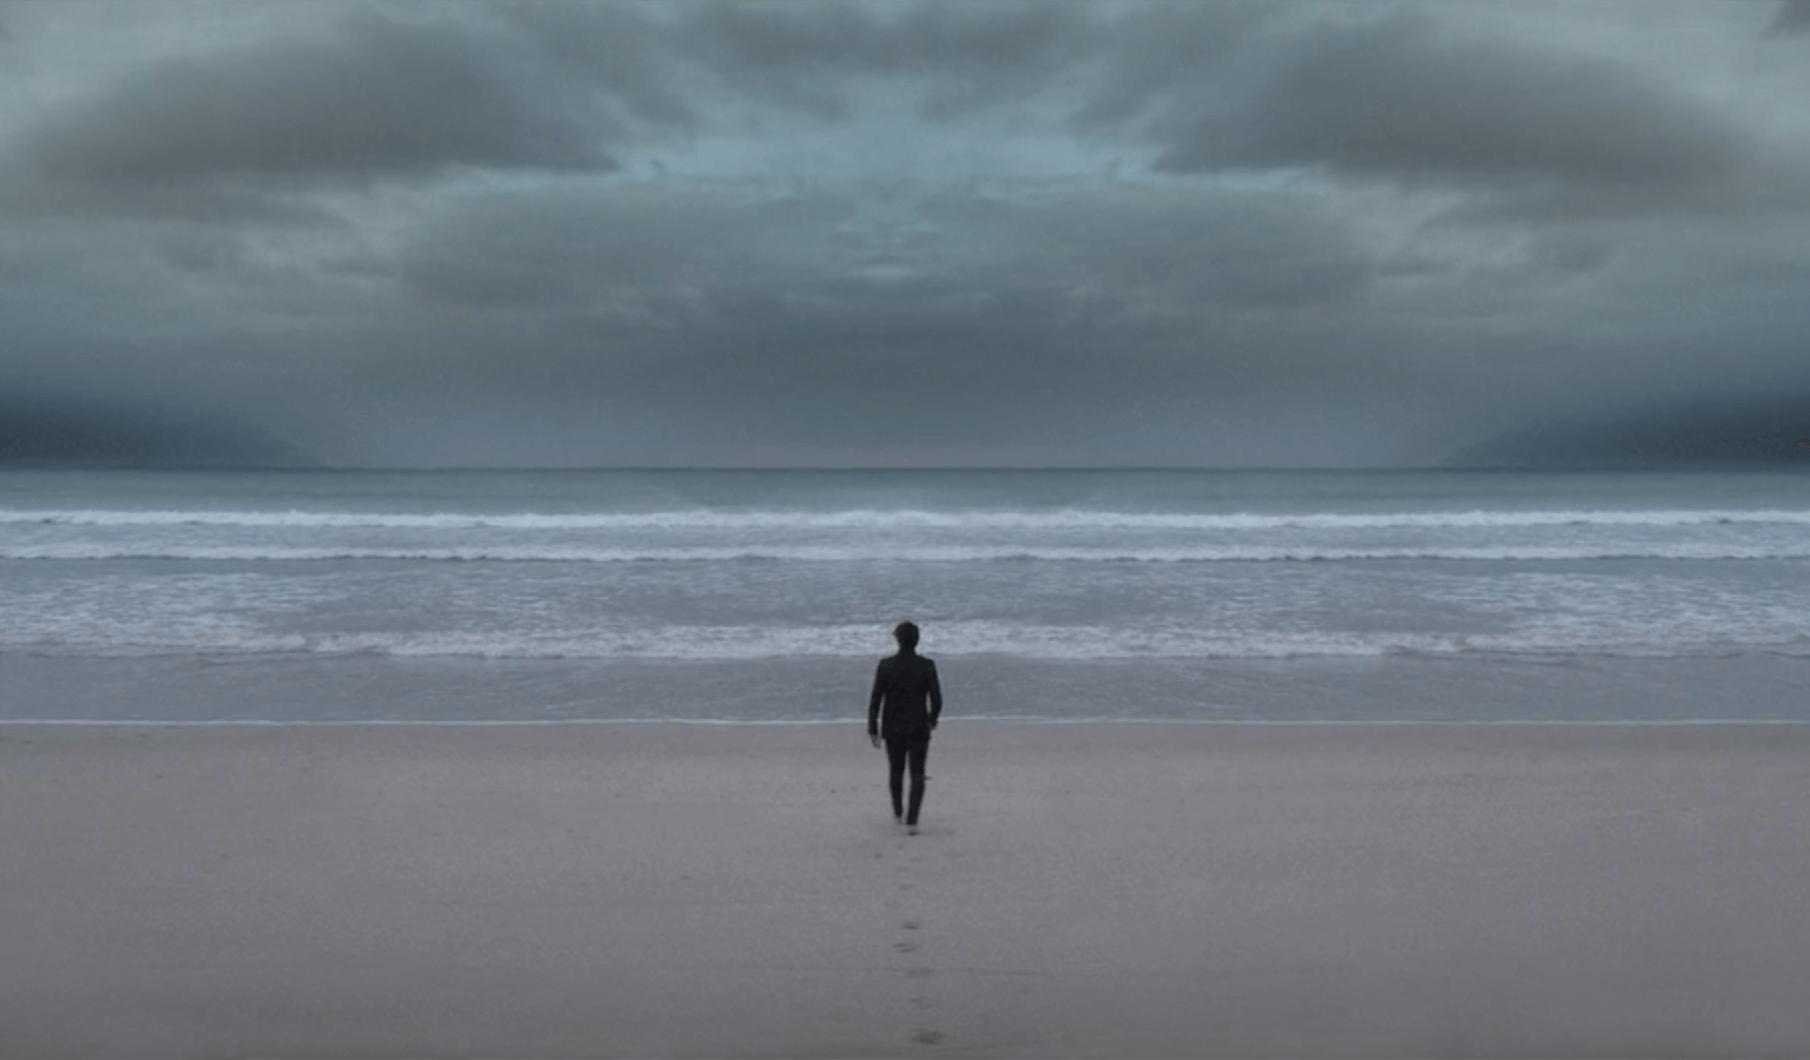 """Film """"Stay true"""" for Ballantine's directed by Matthäus Bussmann"""